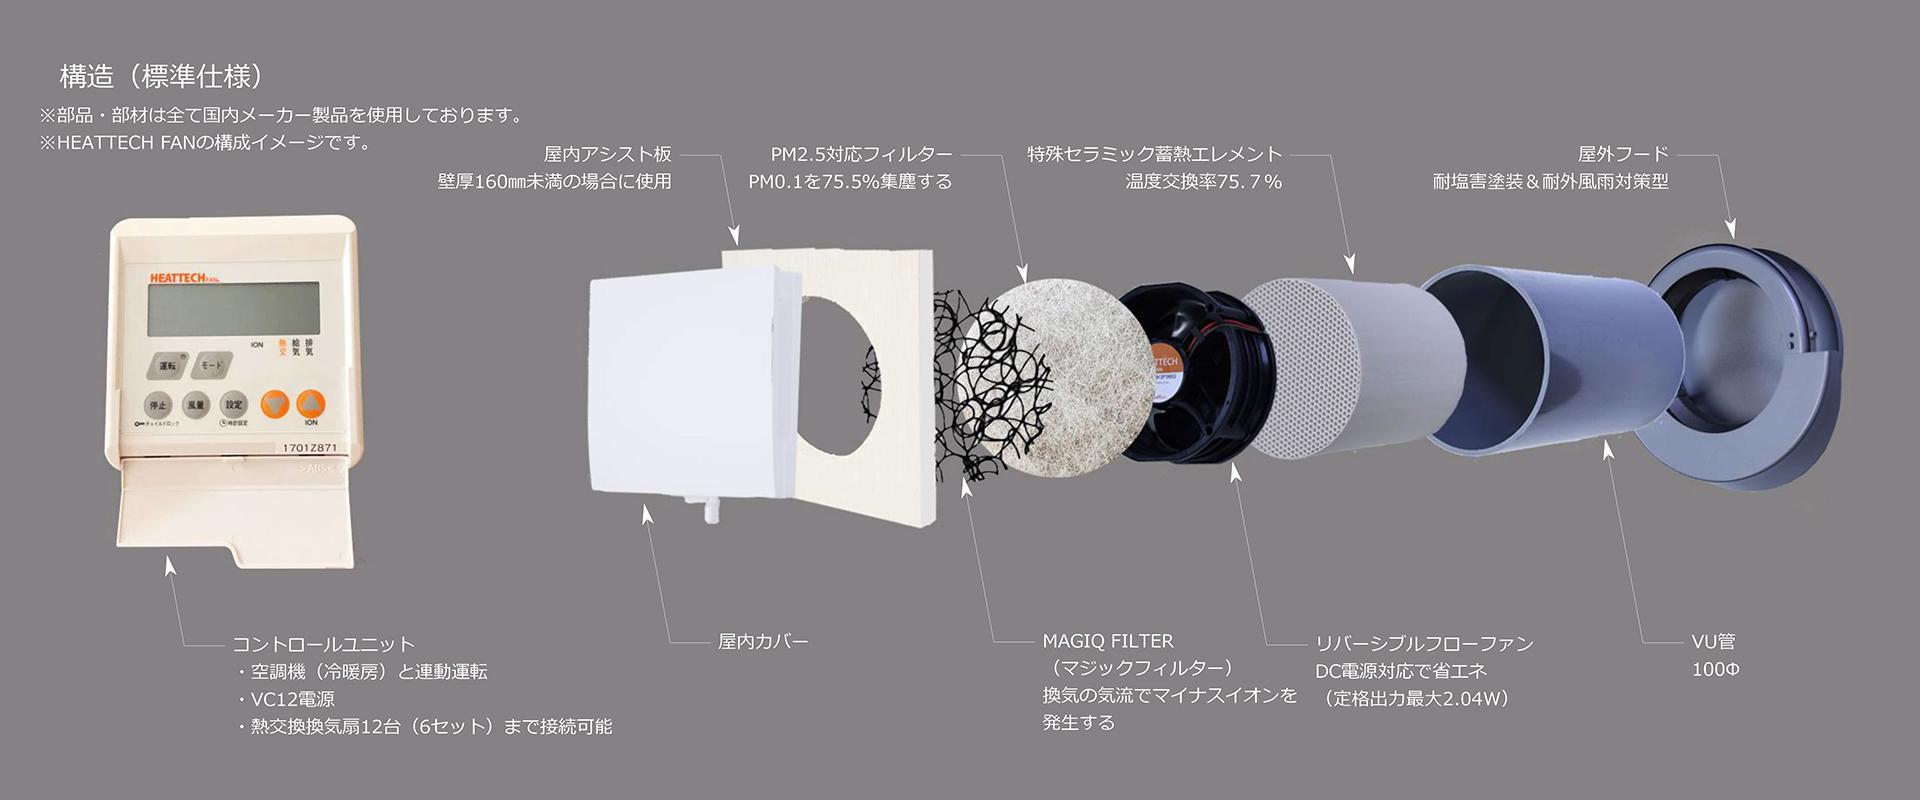 product_heat-tech-fan_thumb_3_hr.jpg